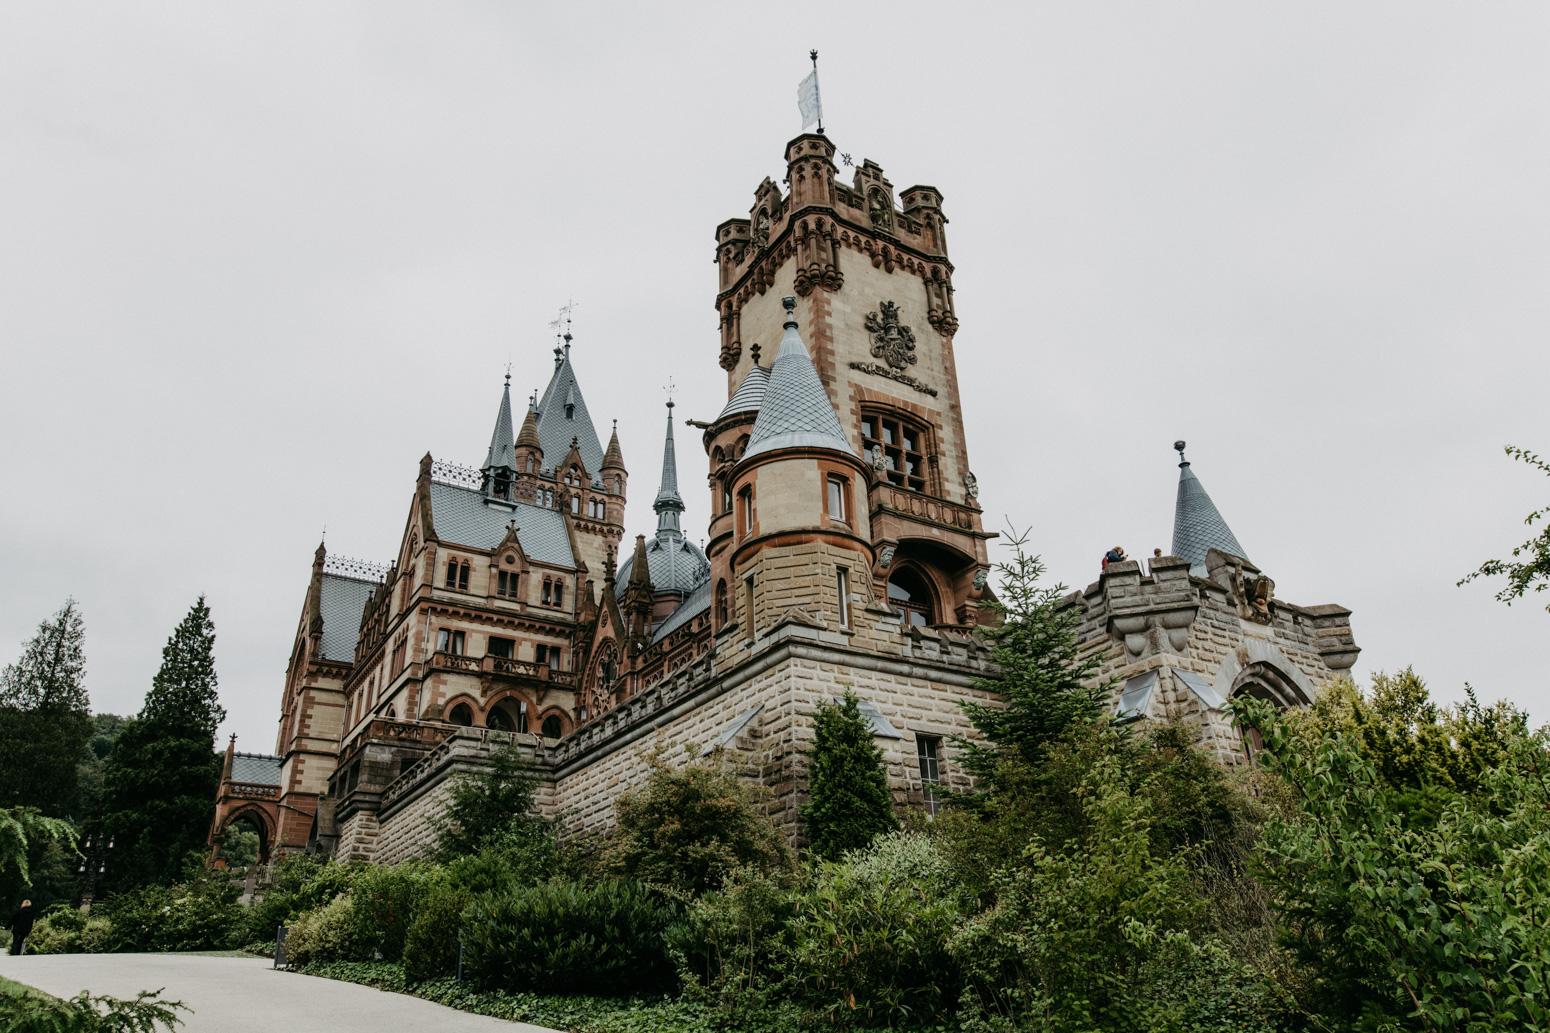 Trauung auf Schloss Drachenburg, Königswinter